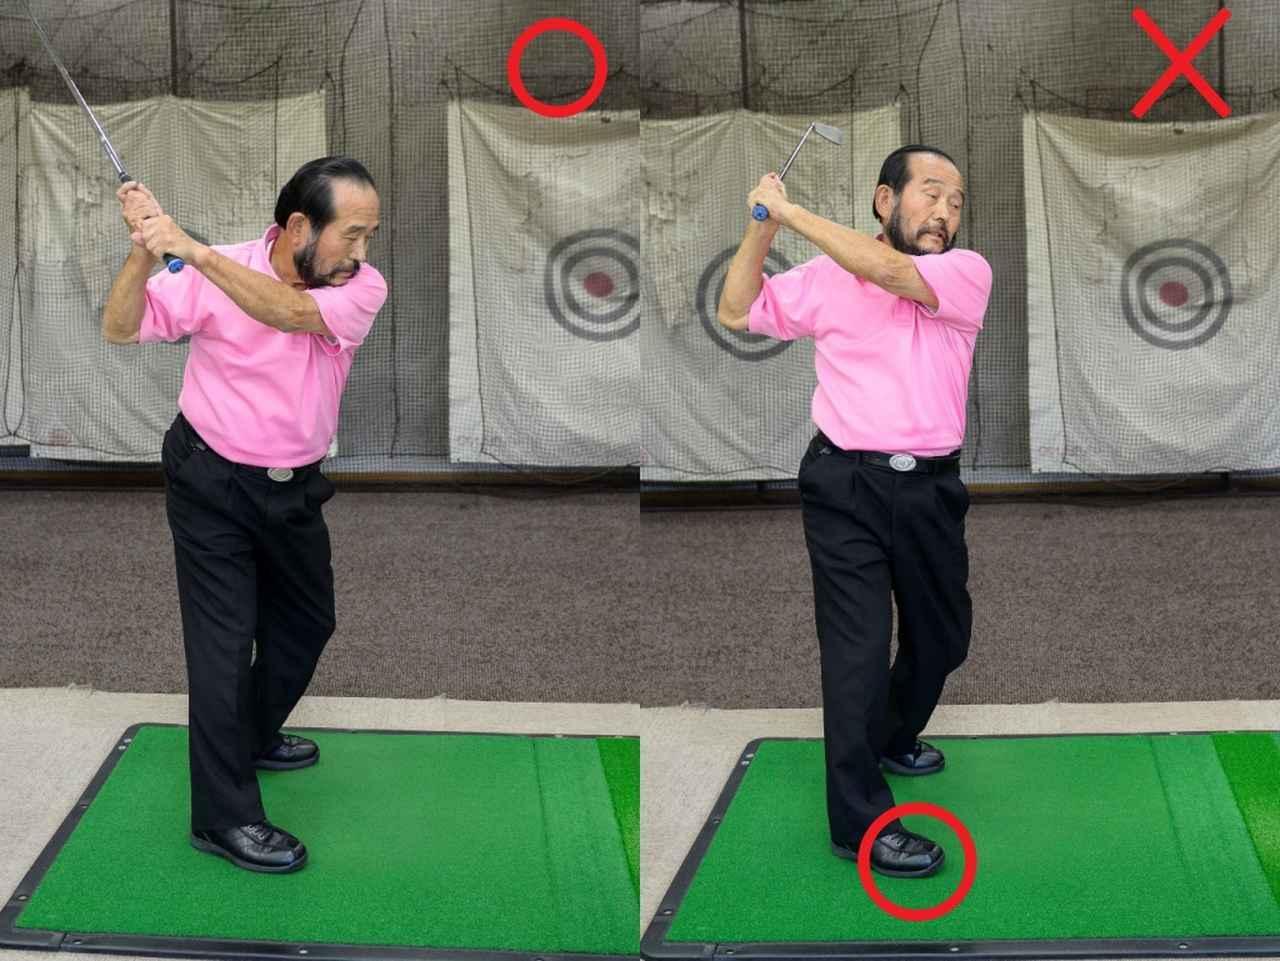 画像: 両手合体型グリップで右手をひねった動作をすると、自然と右足の内側が浮いてしまい、足までひねられた状態となる